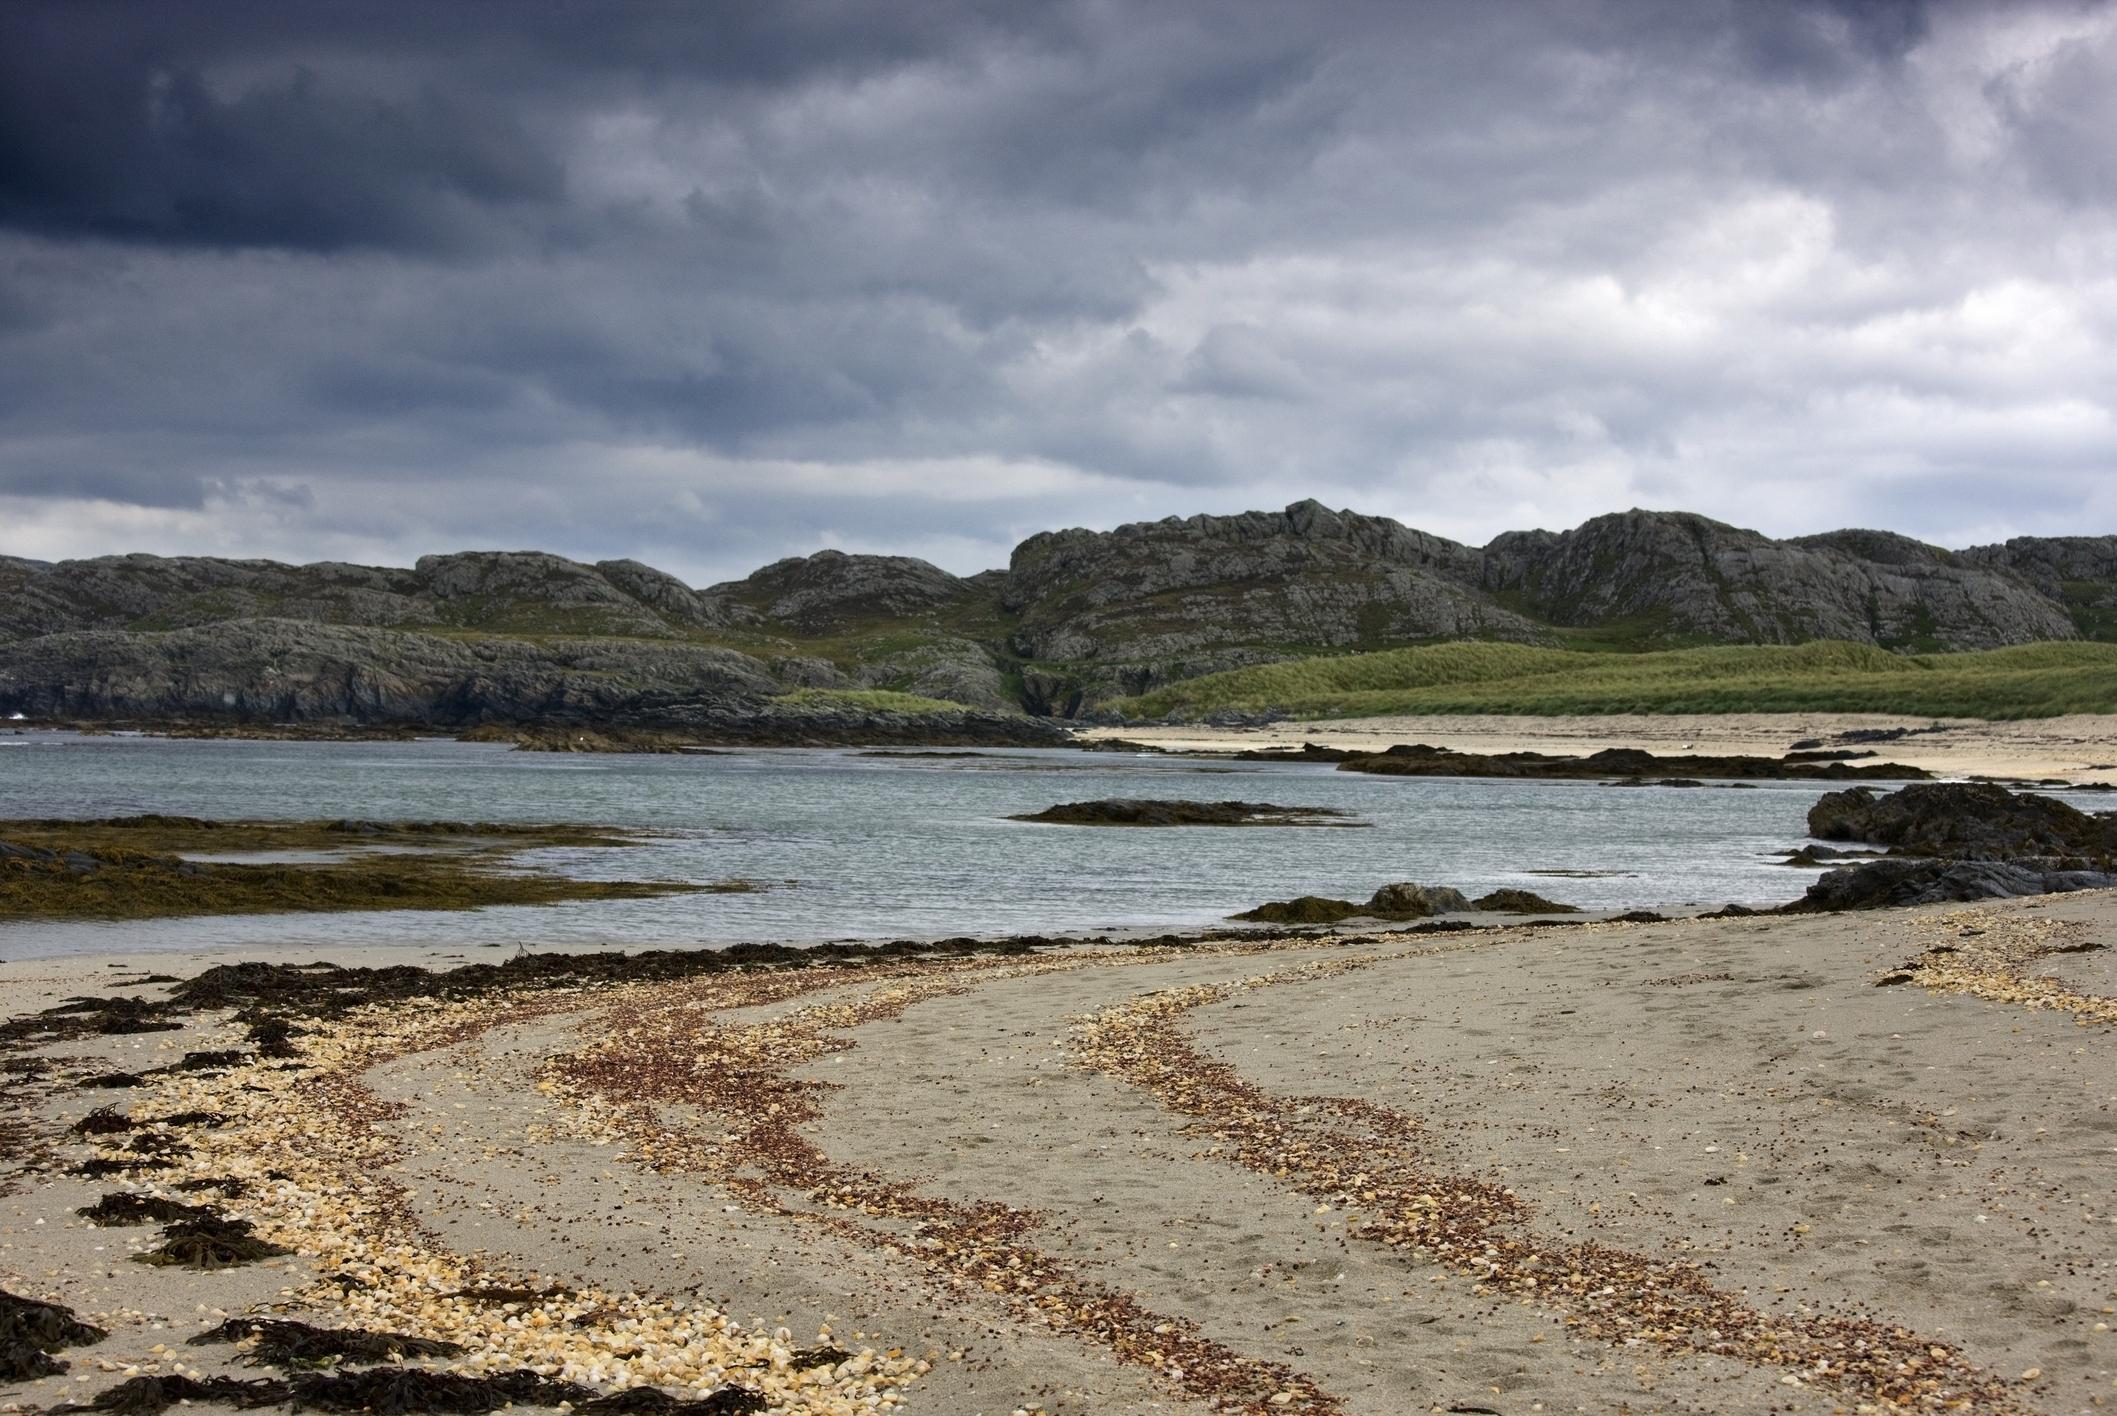 Колонсей, Шотландия - aко търсите тихо място, в което да се почувствате в съзвучие с природата, този отдалечен север остров е идеалното място.